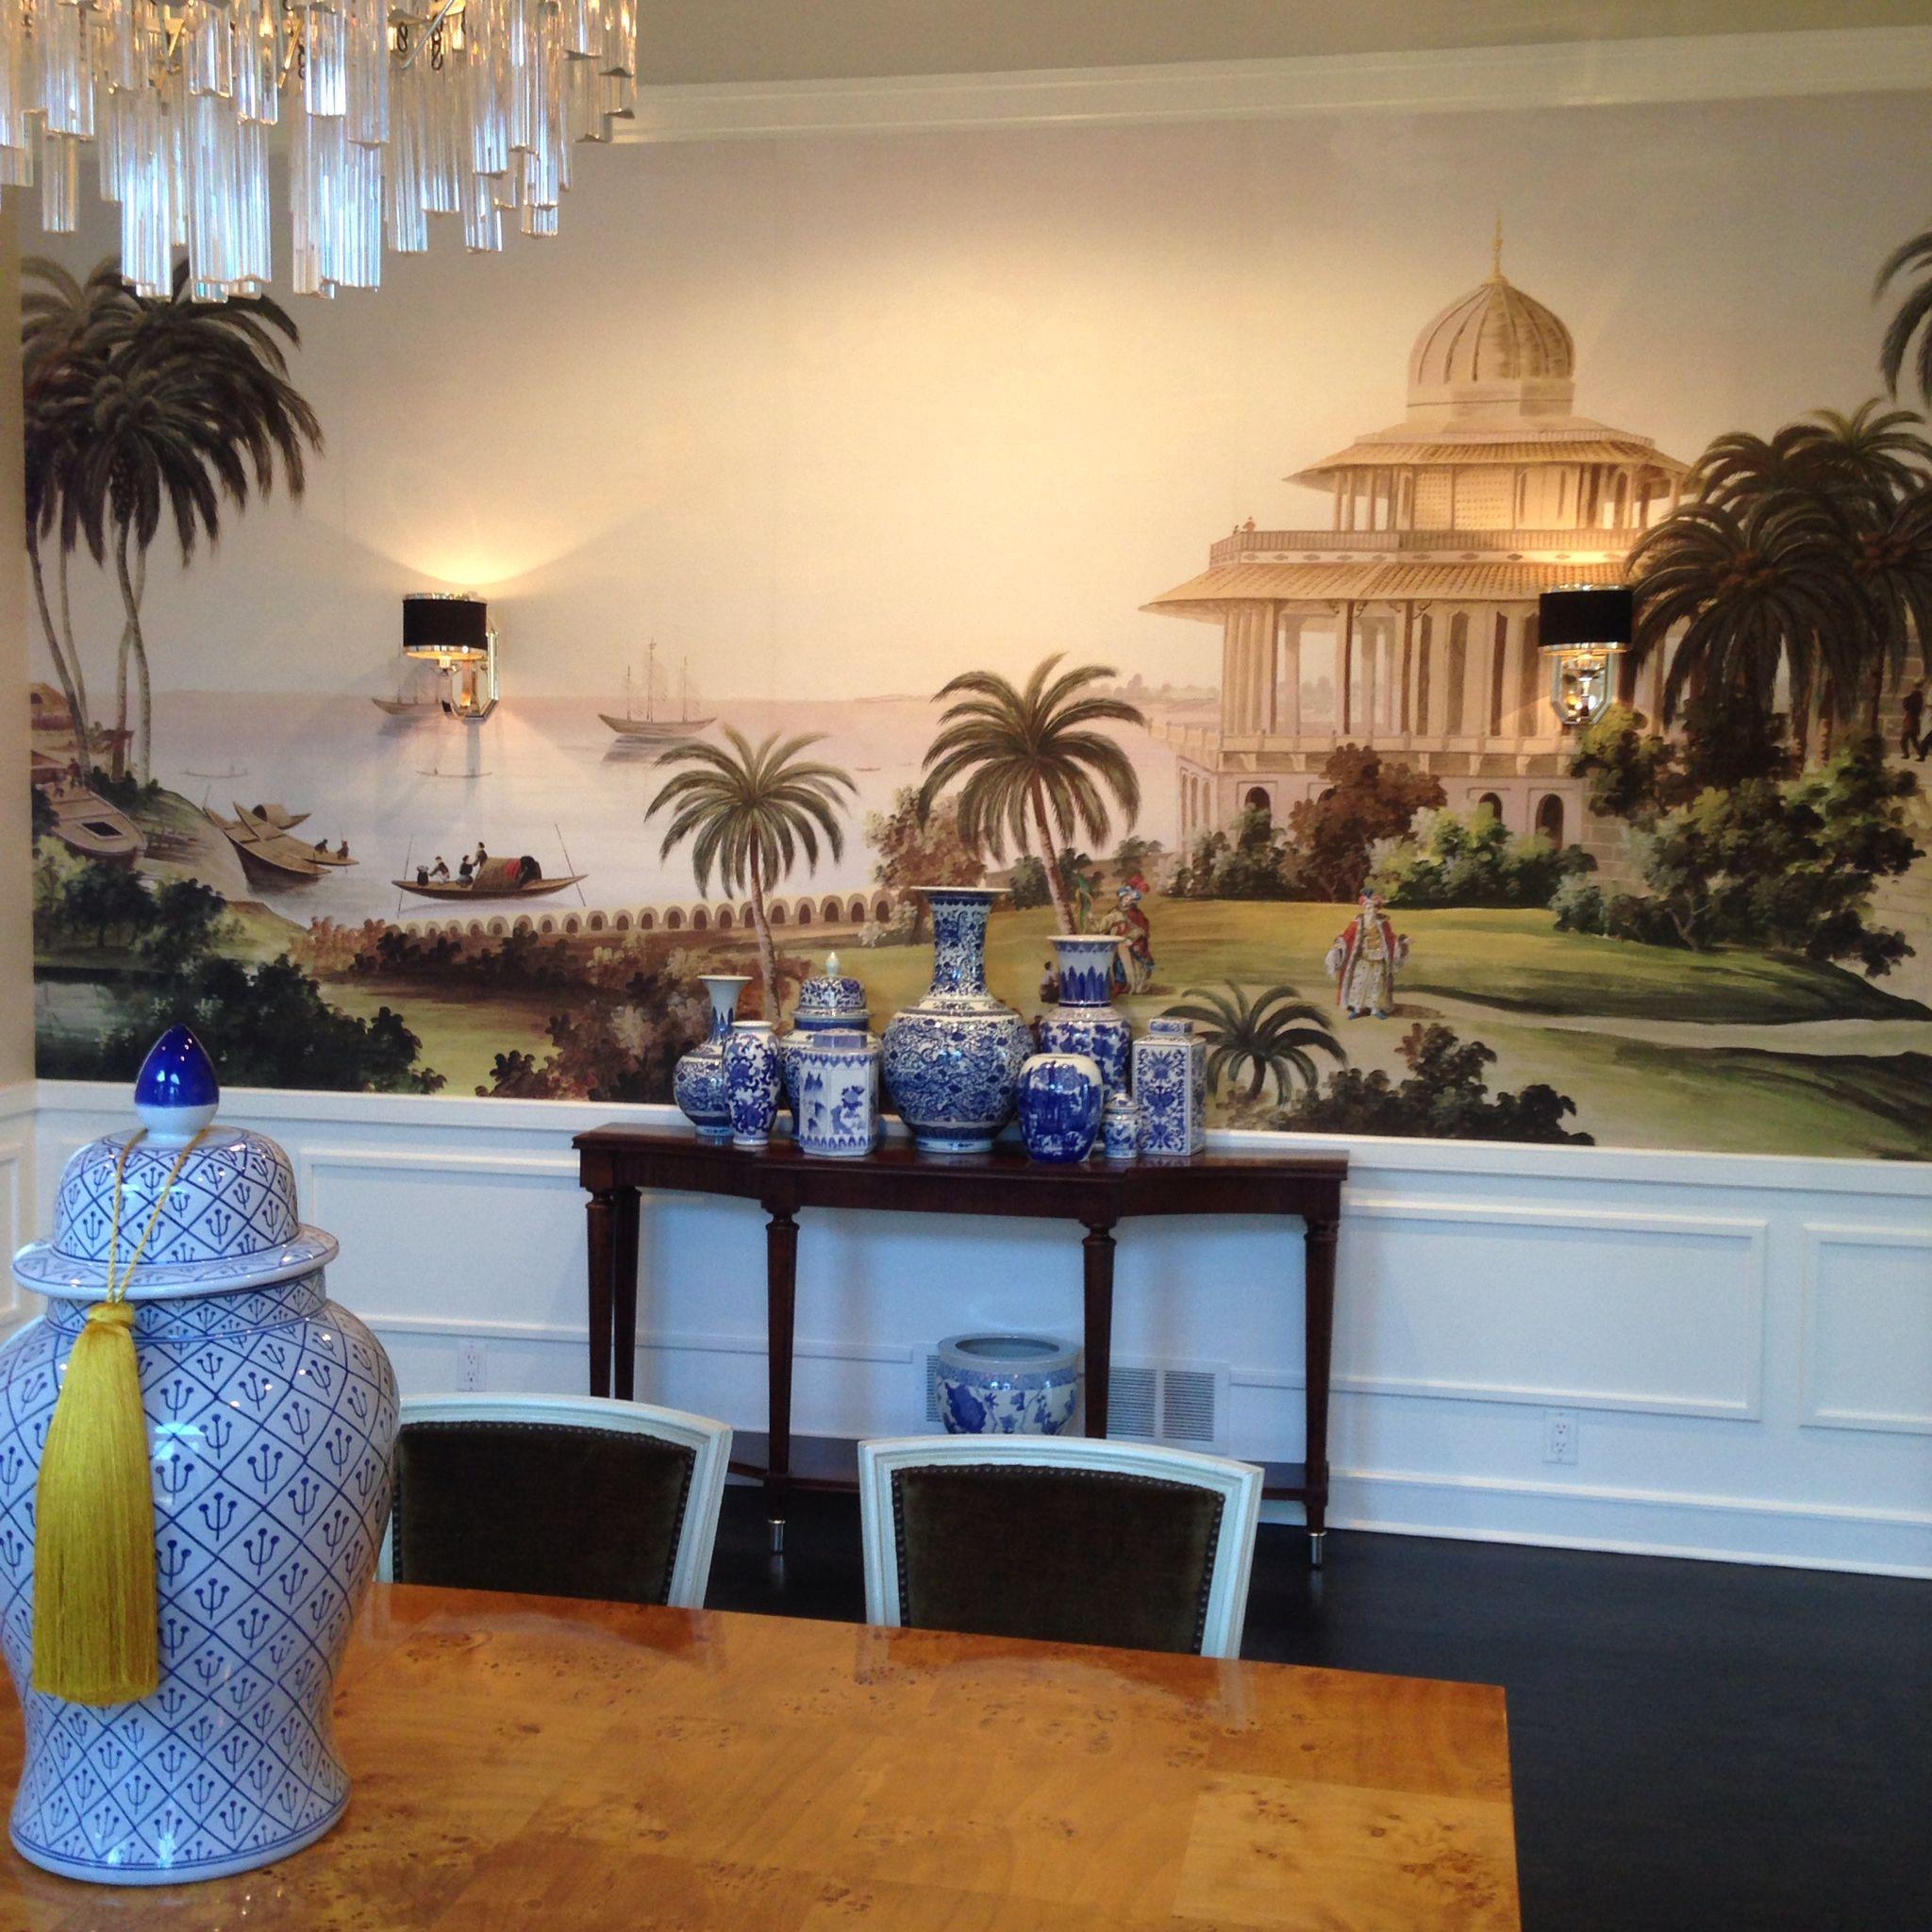 photographie leslie j martin illinois usa papier peint panoramique india couleur ananb. Black Bedroom Furniture Sets. Home Design Ideas